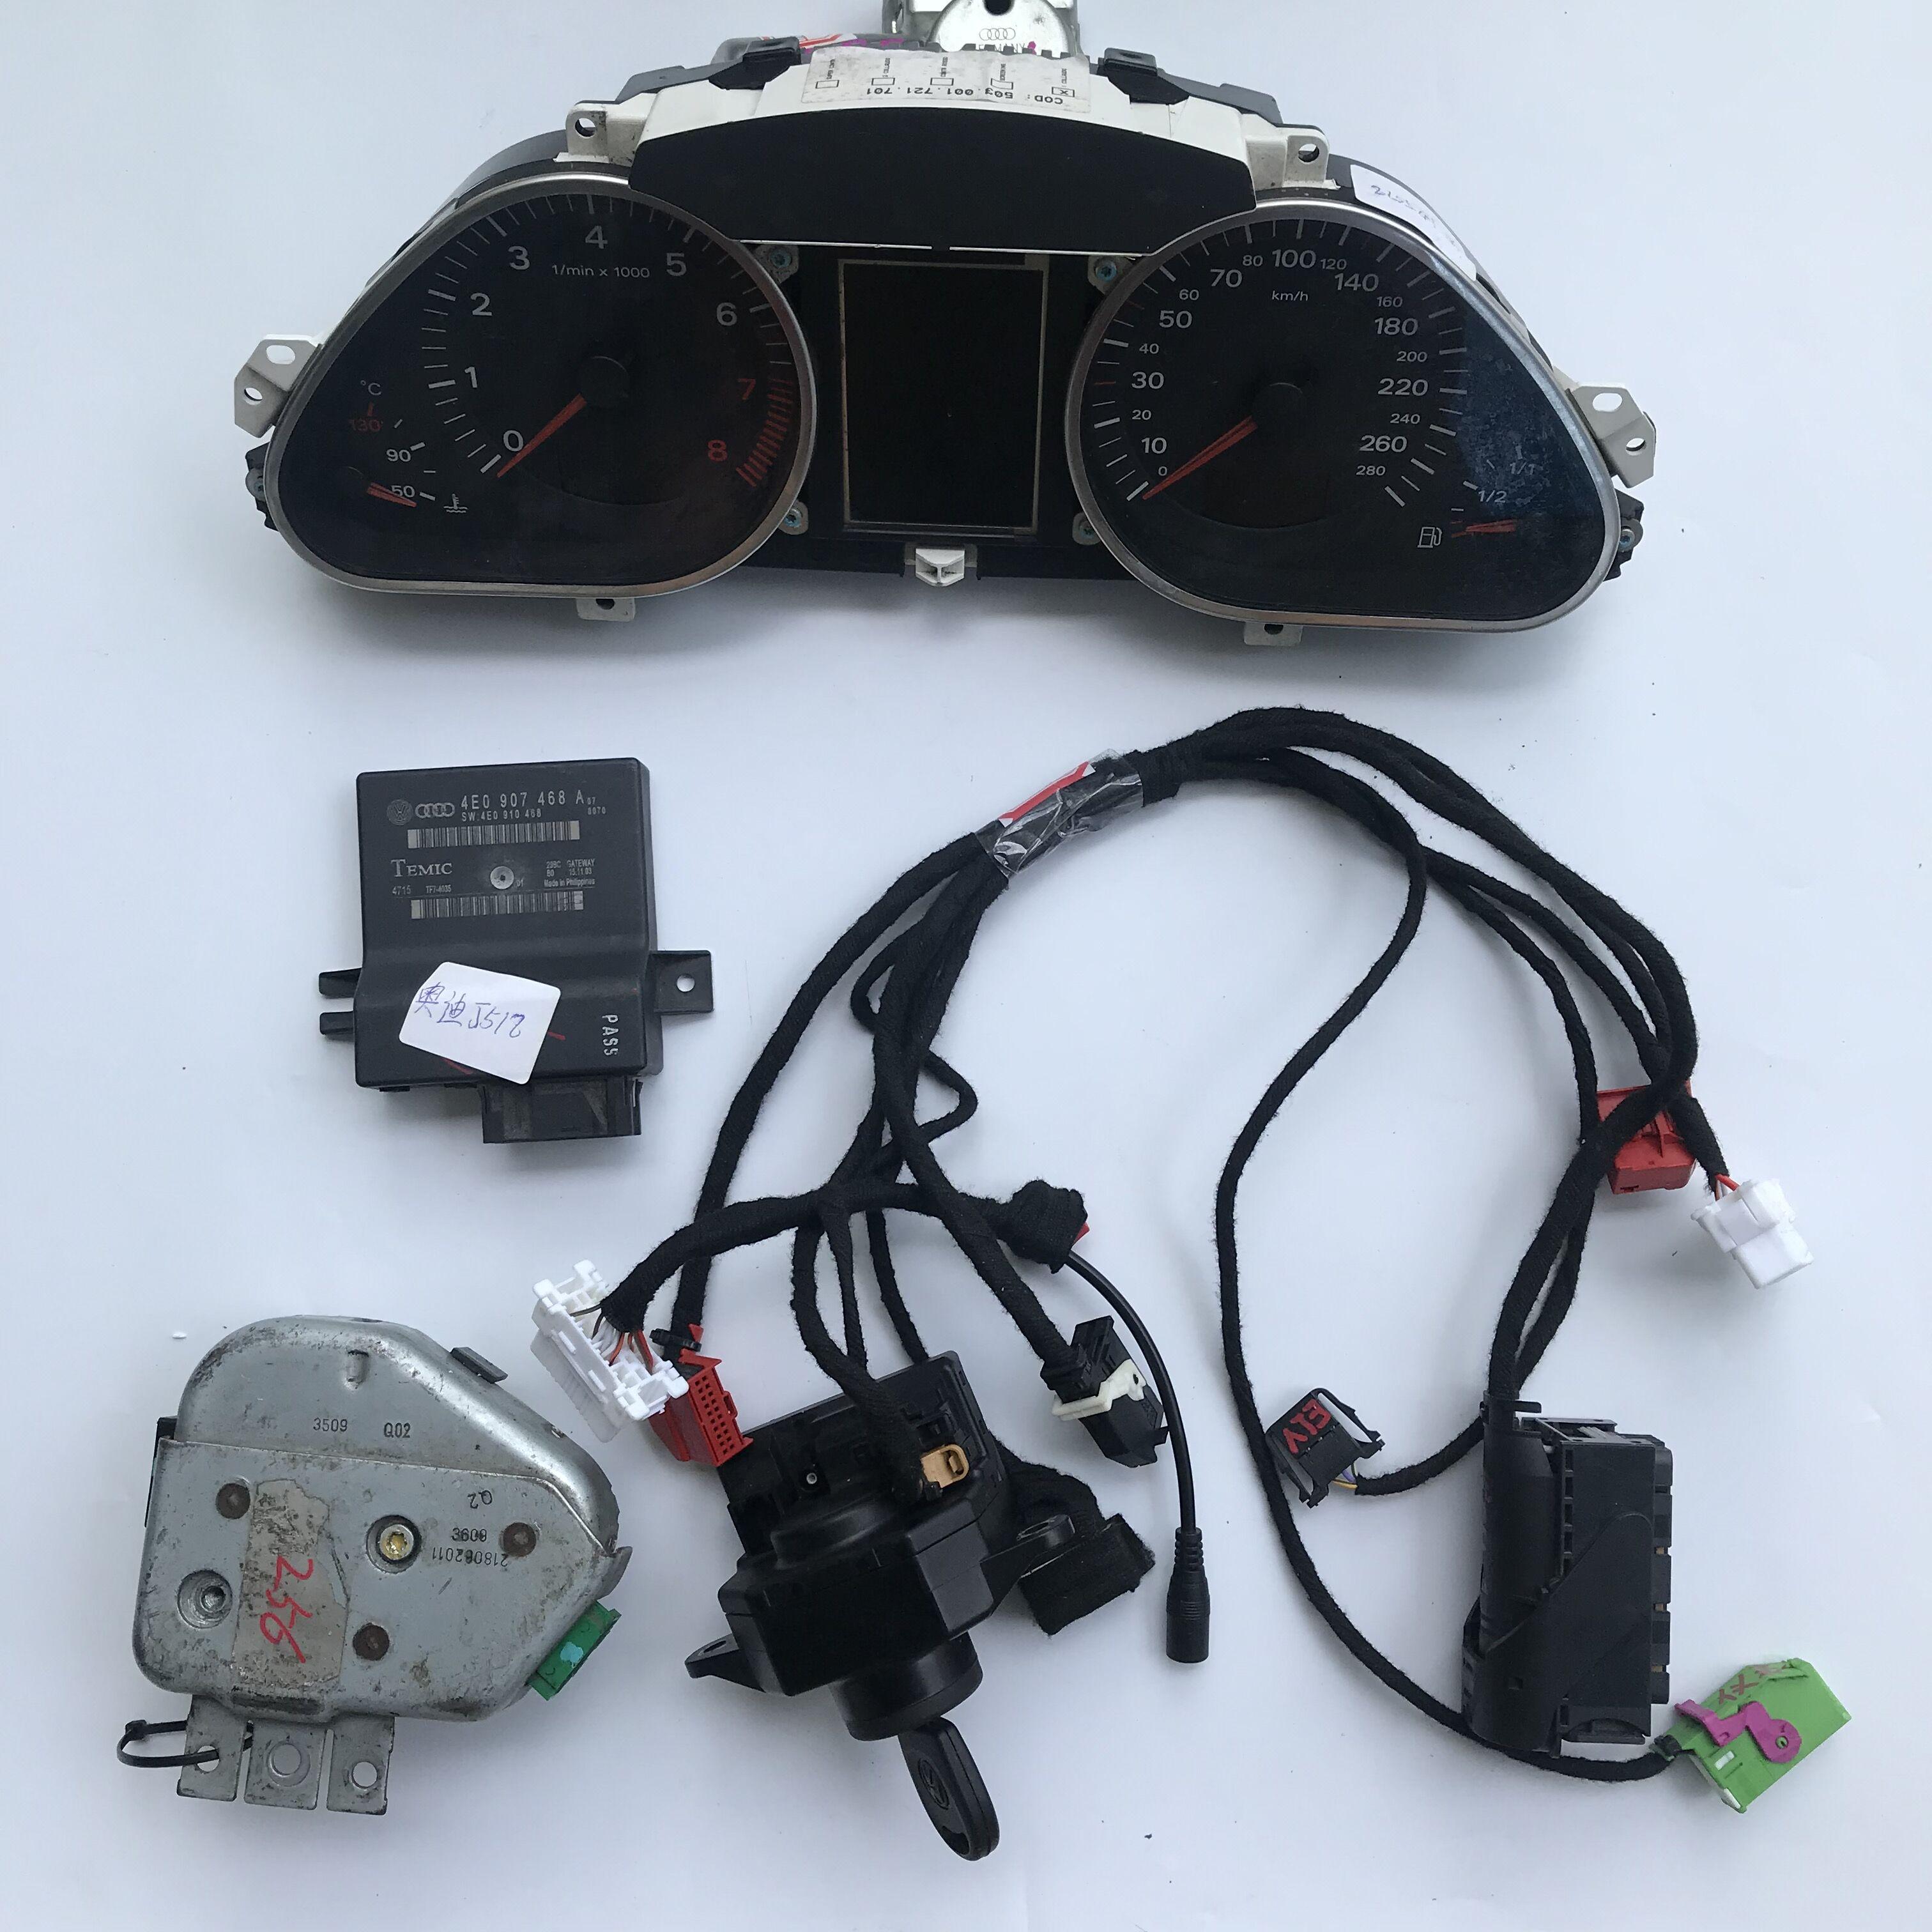 Audi J518 Test Platform full set with Cluster